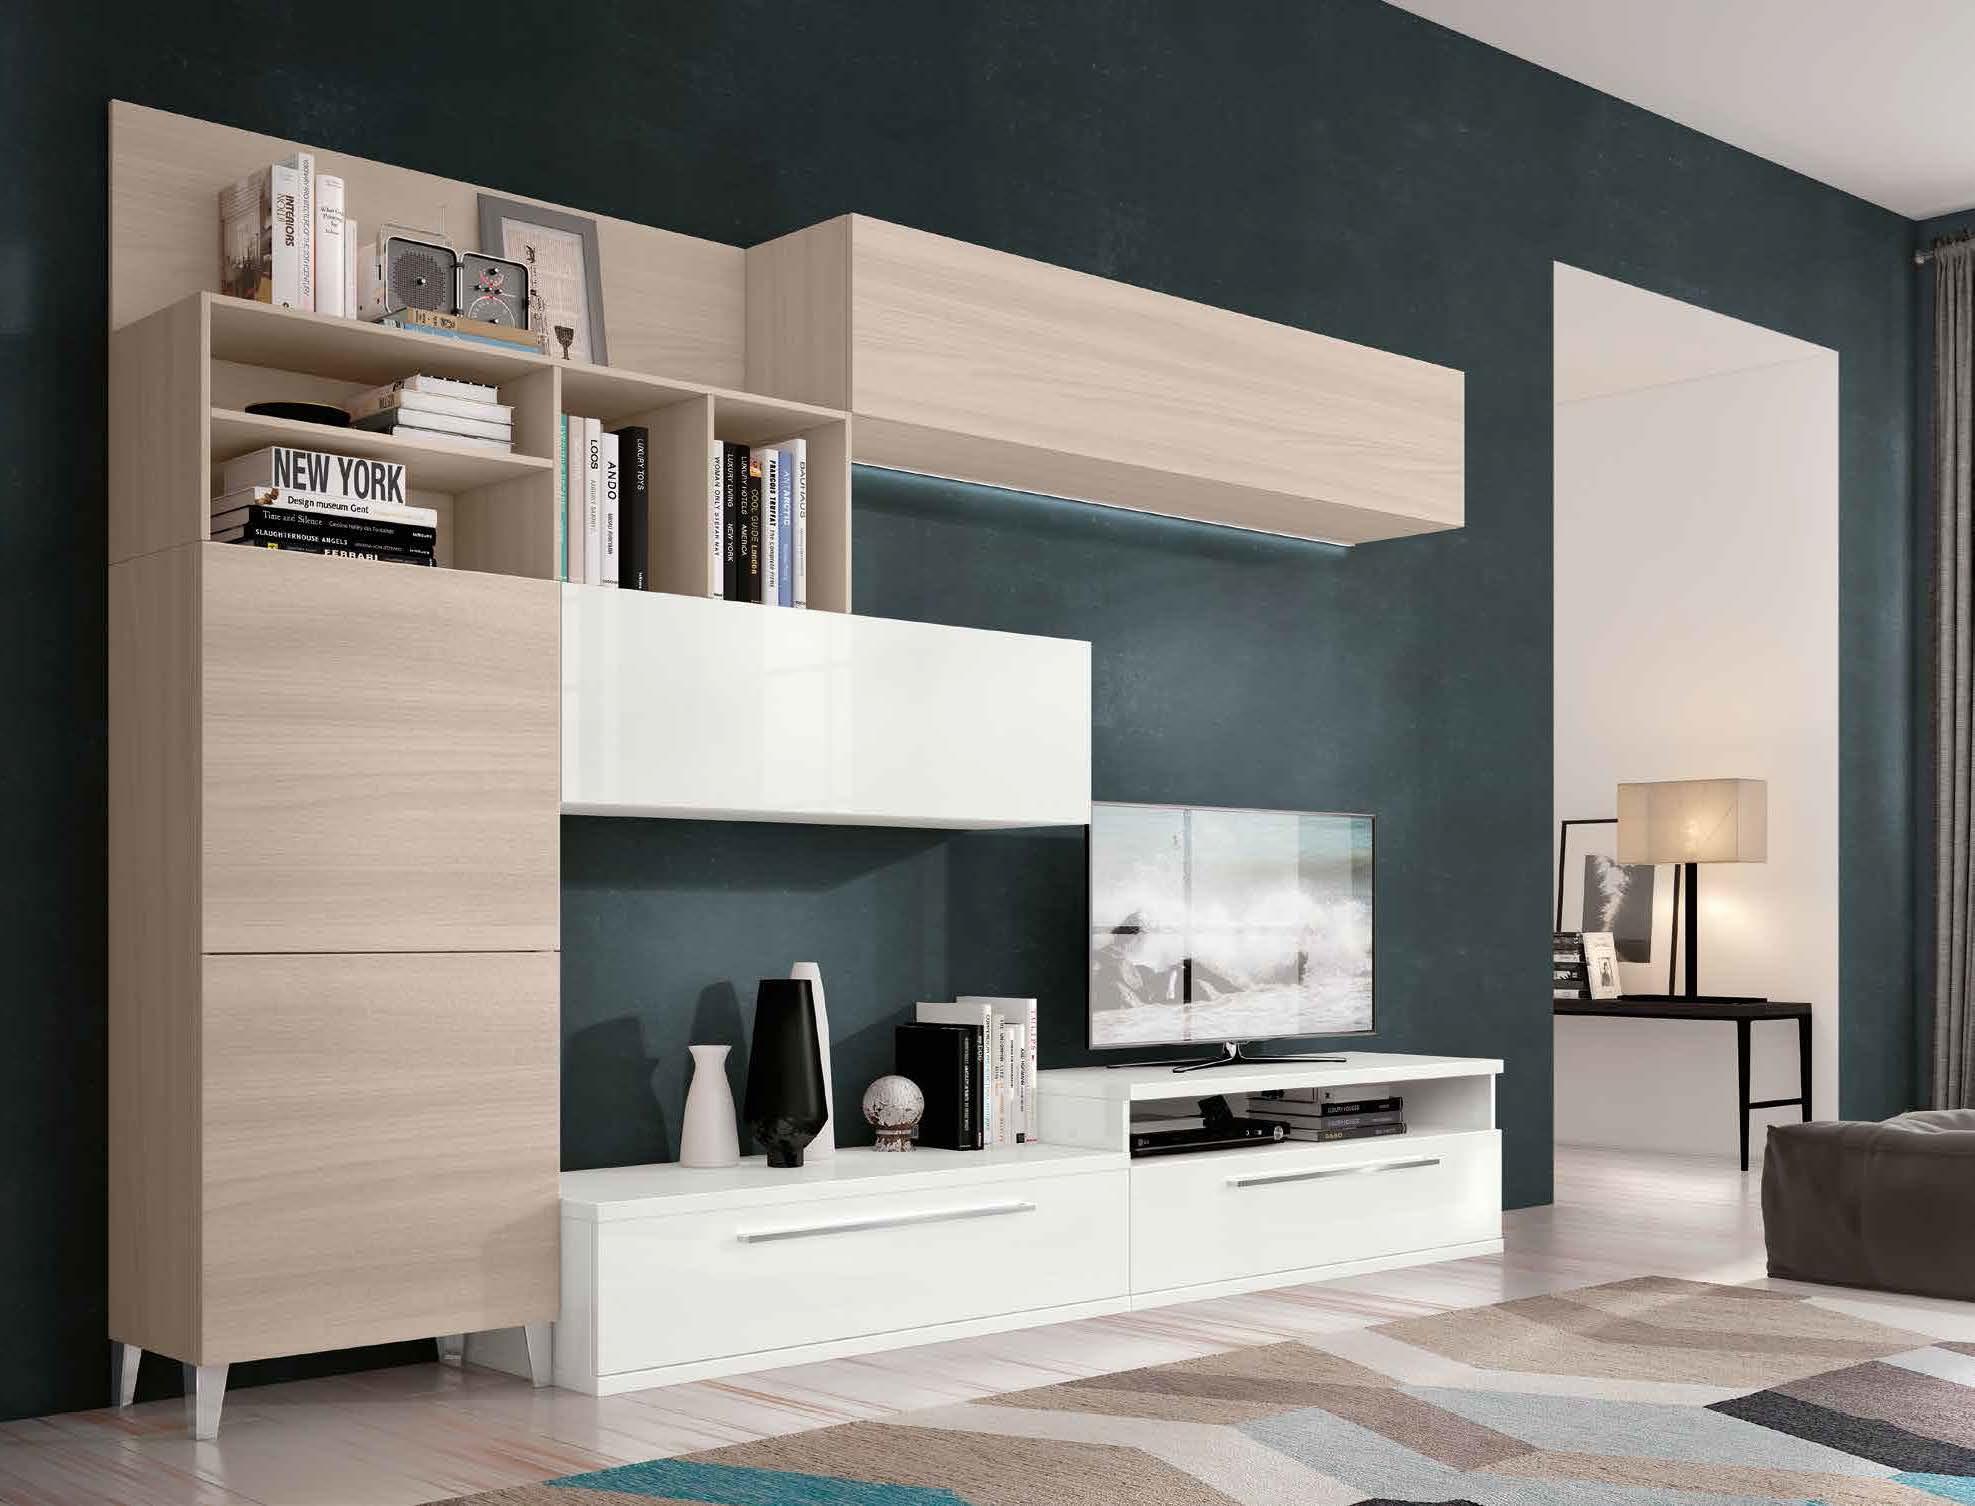 Soggiorni-moderni, pareti attrezzate   Reggiolo   IMPERIAL ...